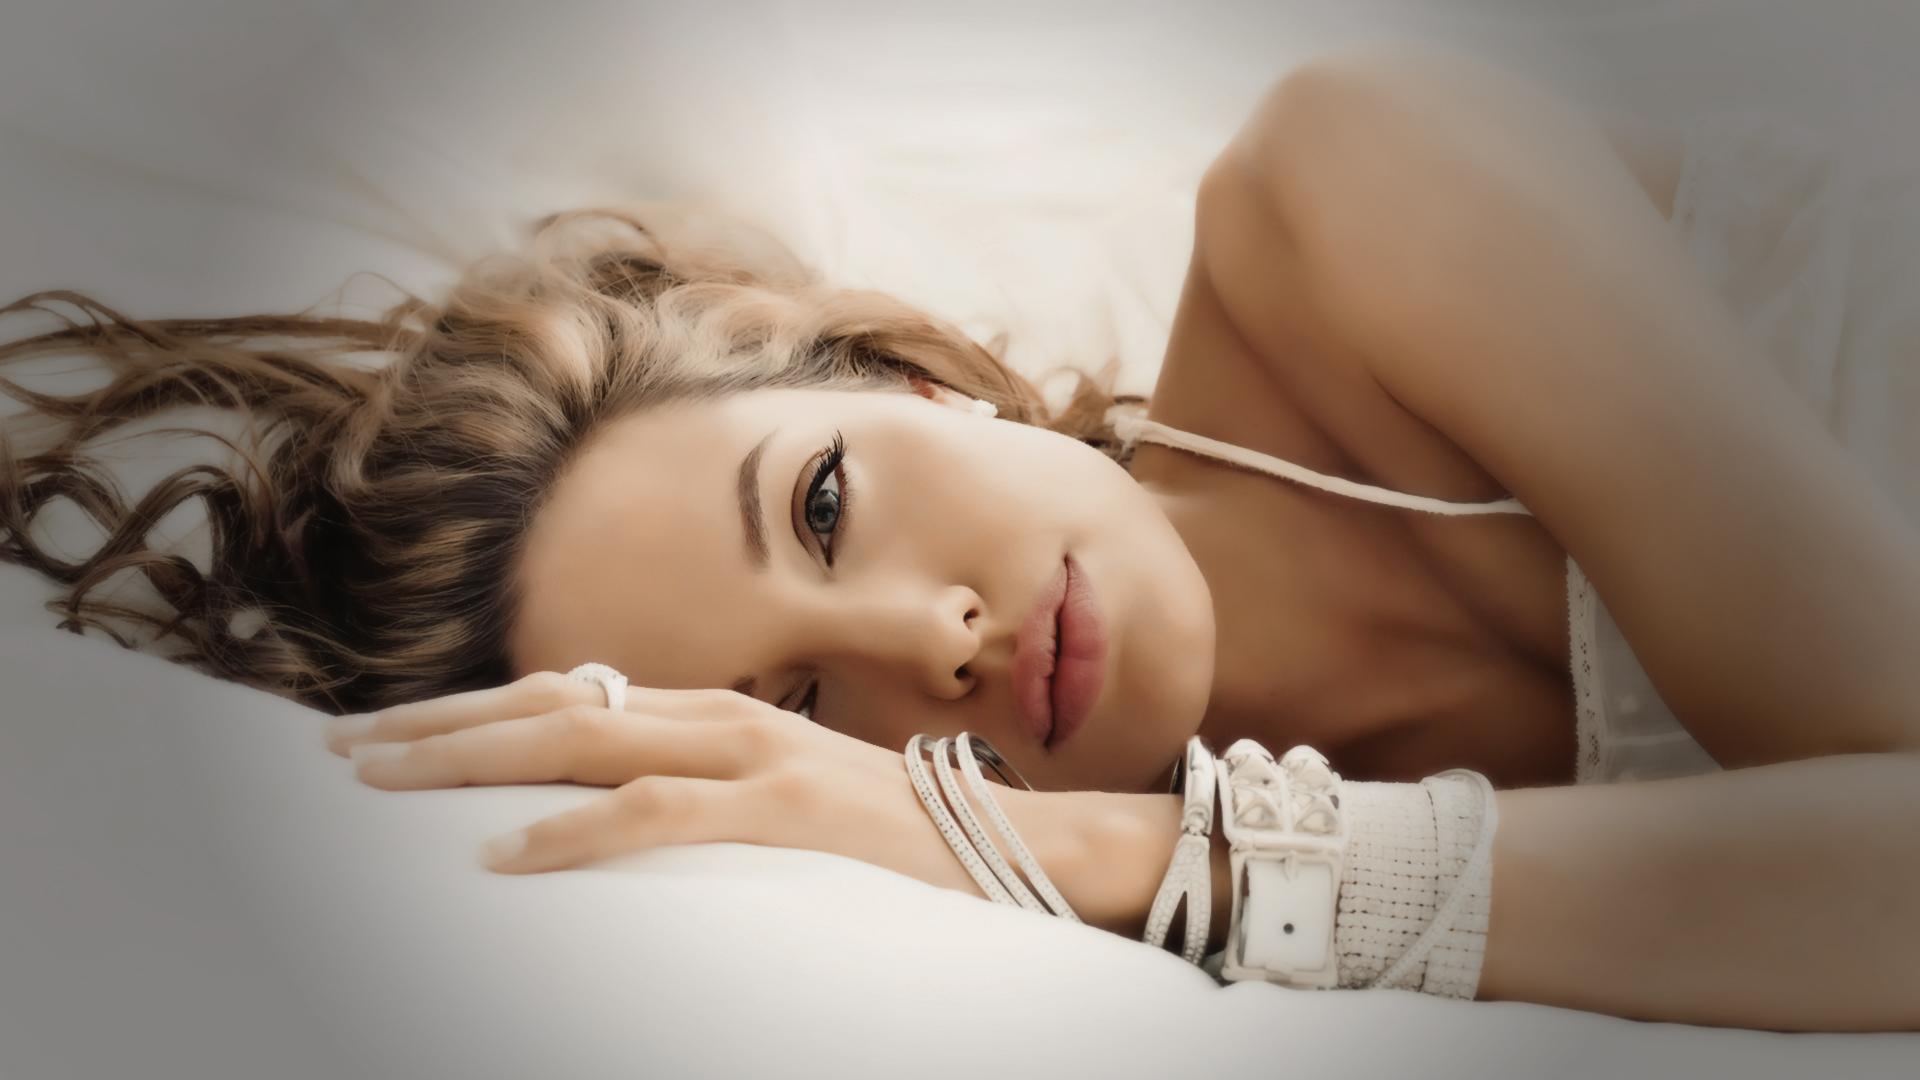 Angelina Jolie 9 wallpaper download